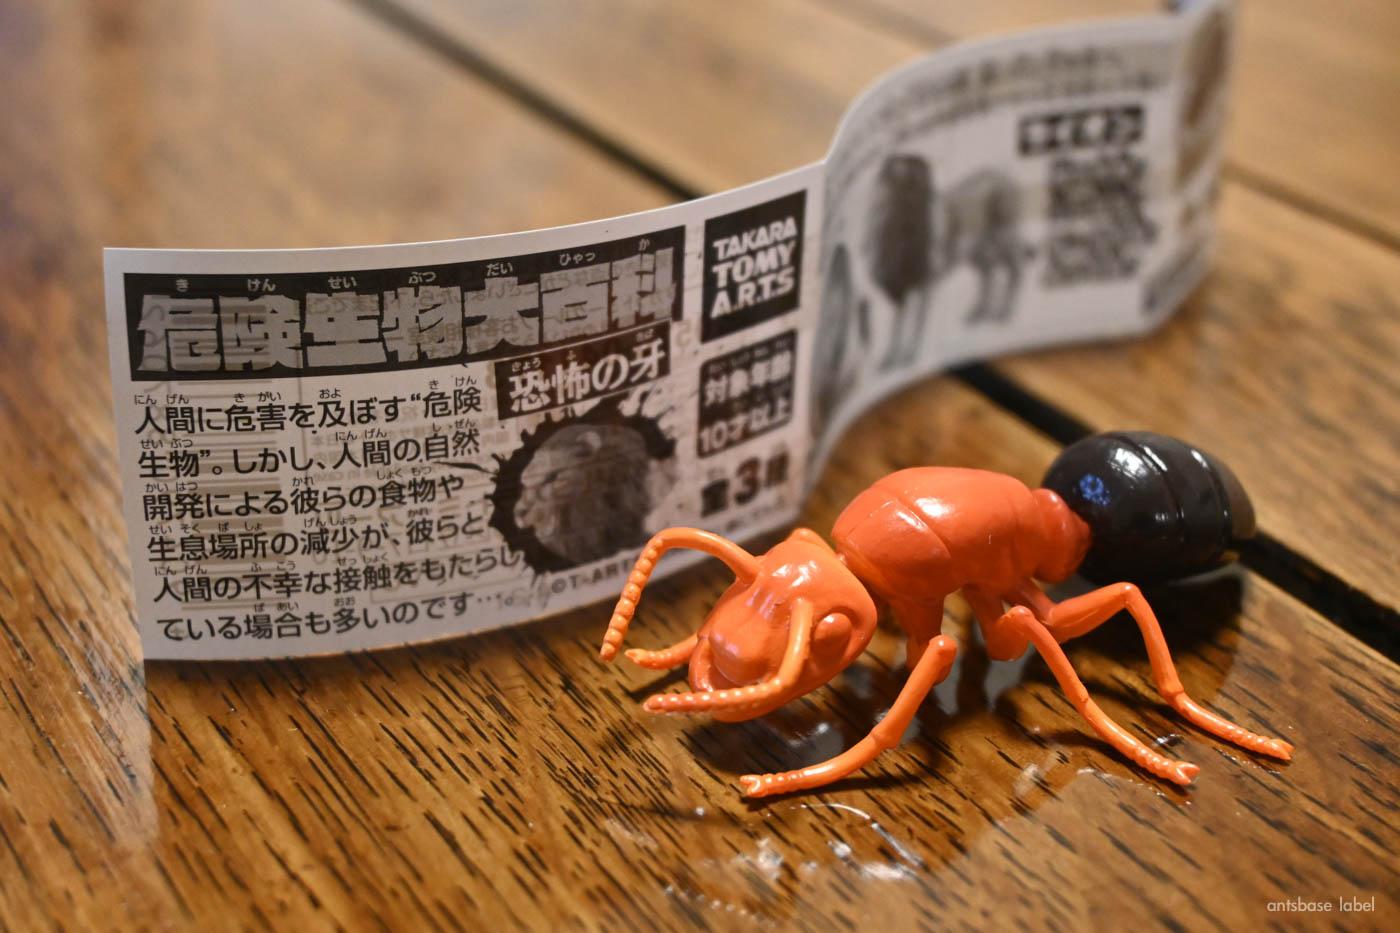 ヒアリのカプセルトイ(ガチャ)が2月上旬に発売!【実物レビュー】